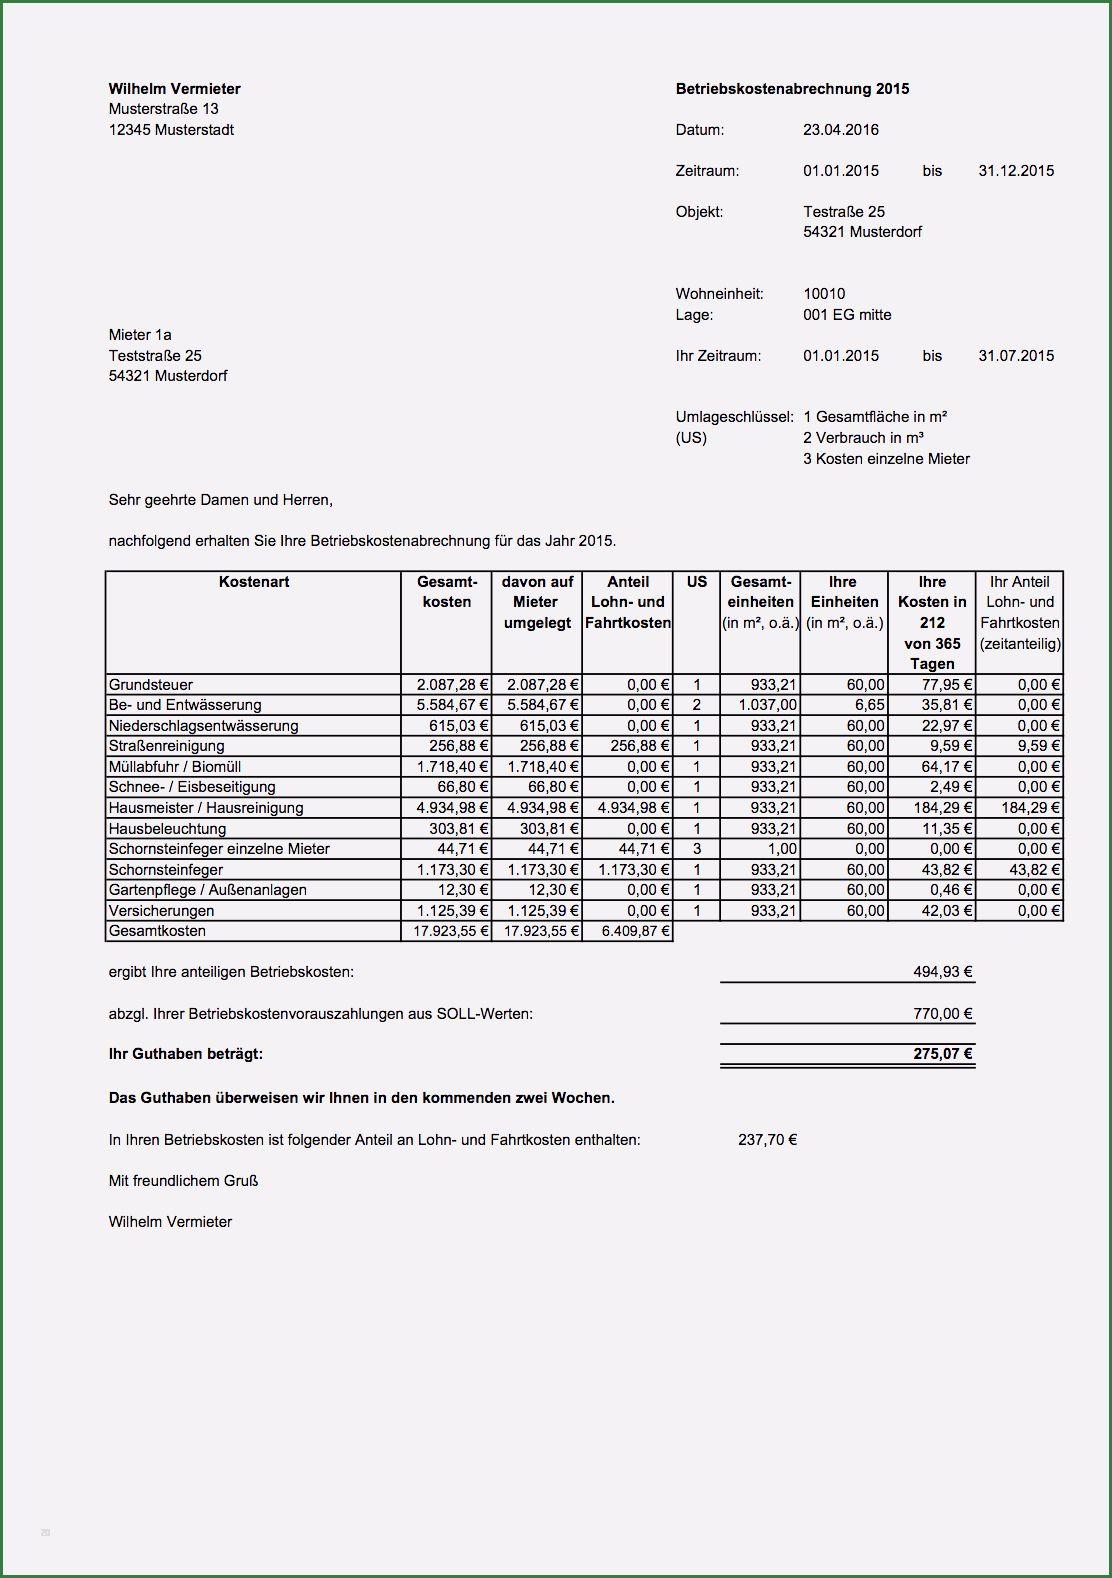 20 Sensationell Nebenkostenabrechnung Vorlage In 2020 Nebenkostenabrechnung Geschenkgutschein Vorlage Vorlagen Word